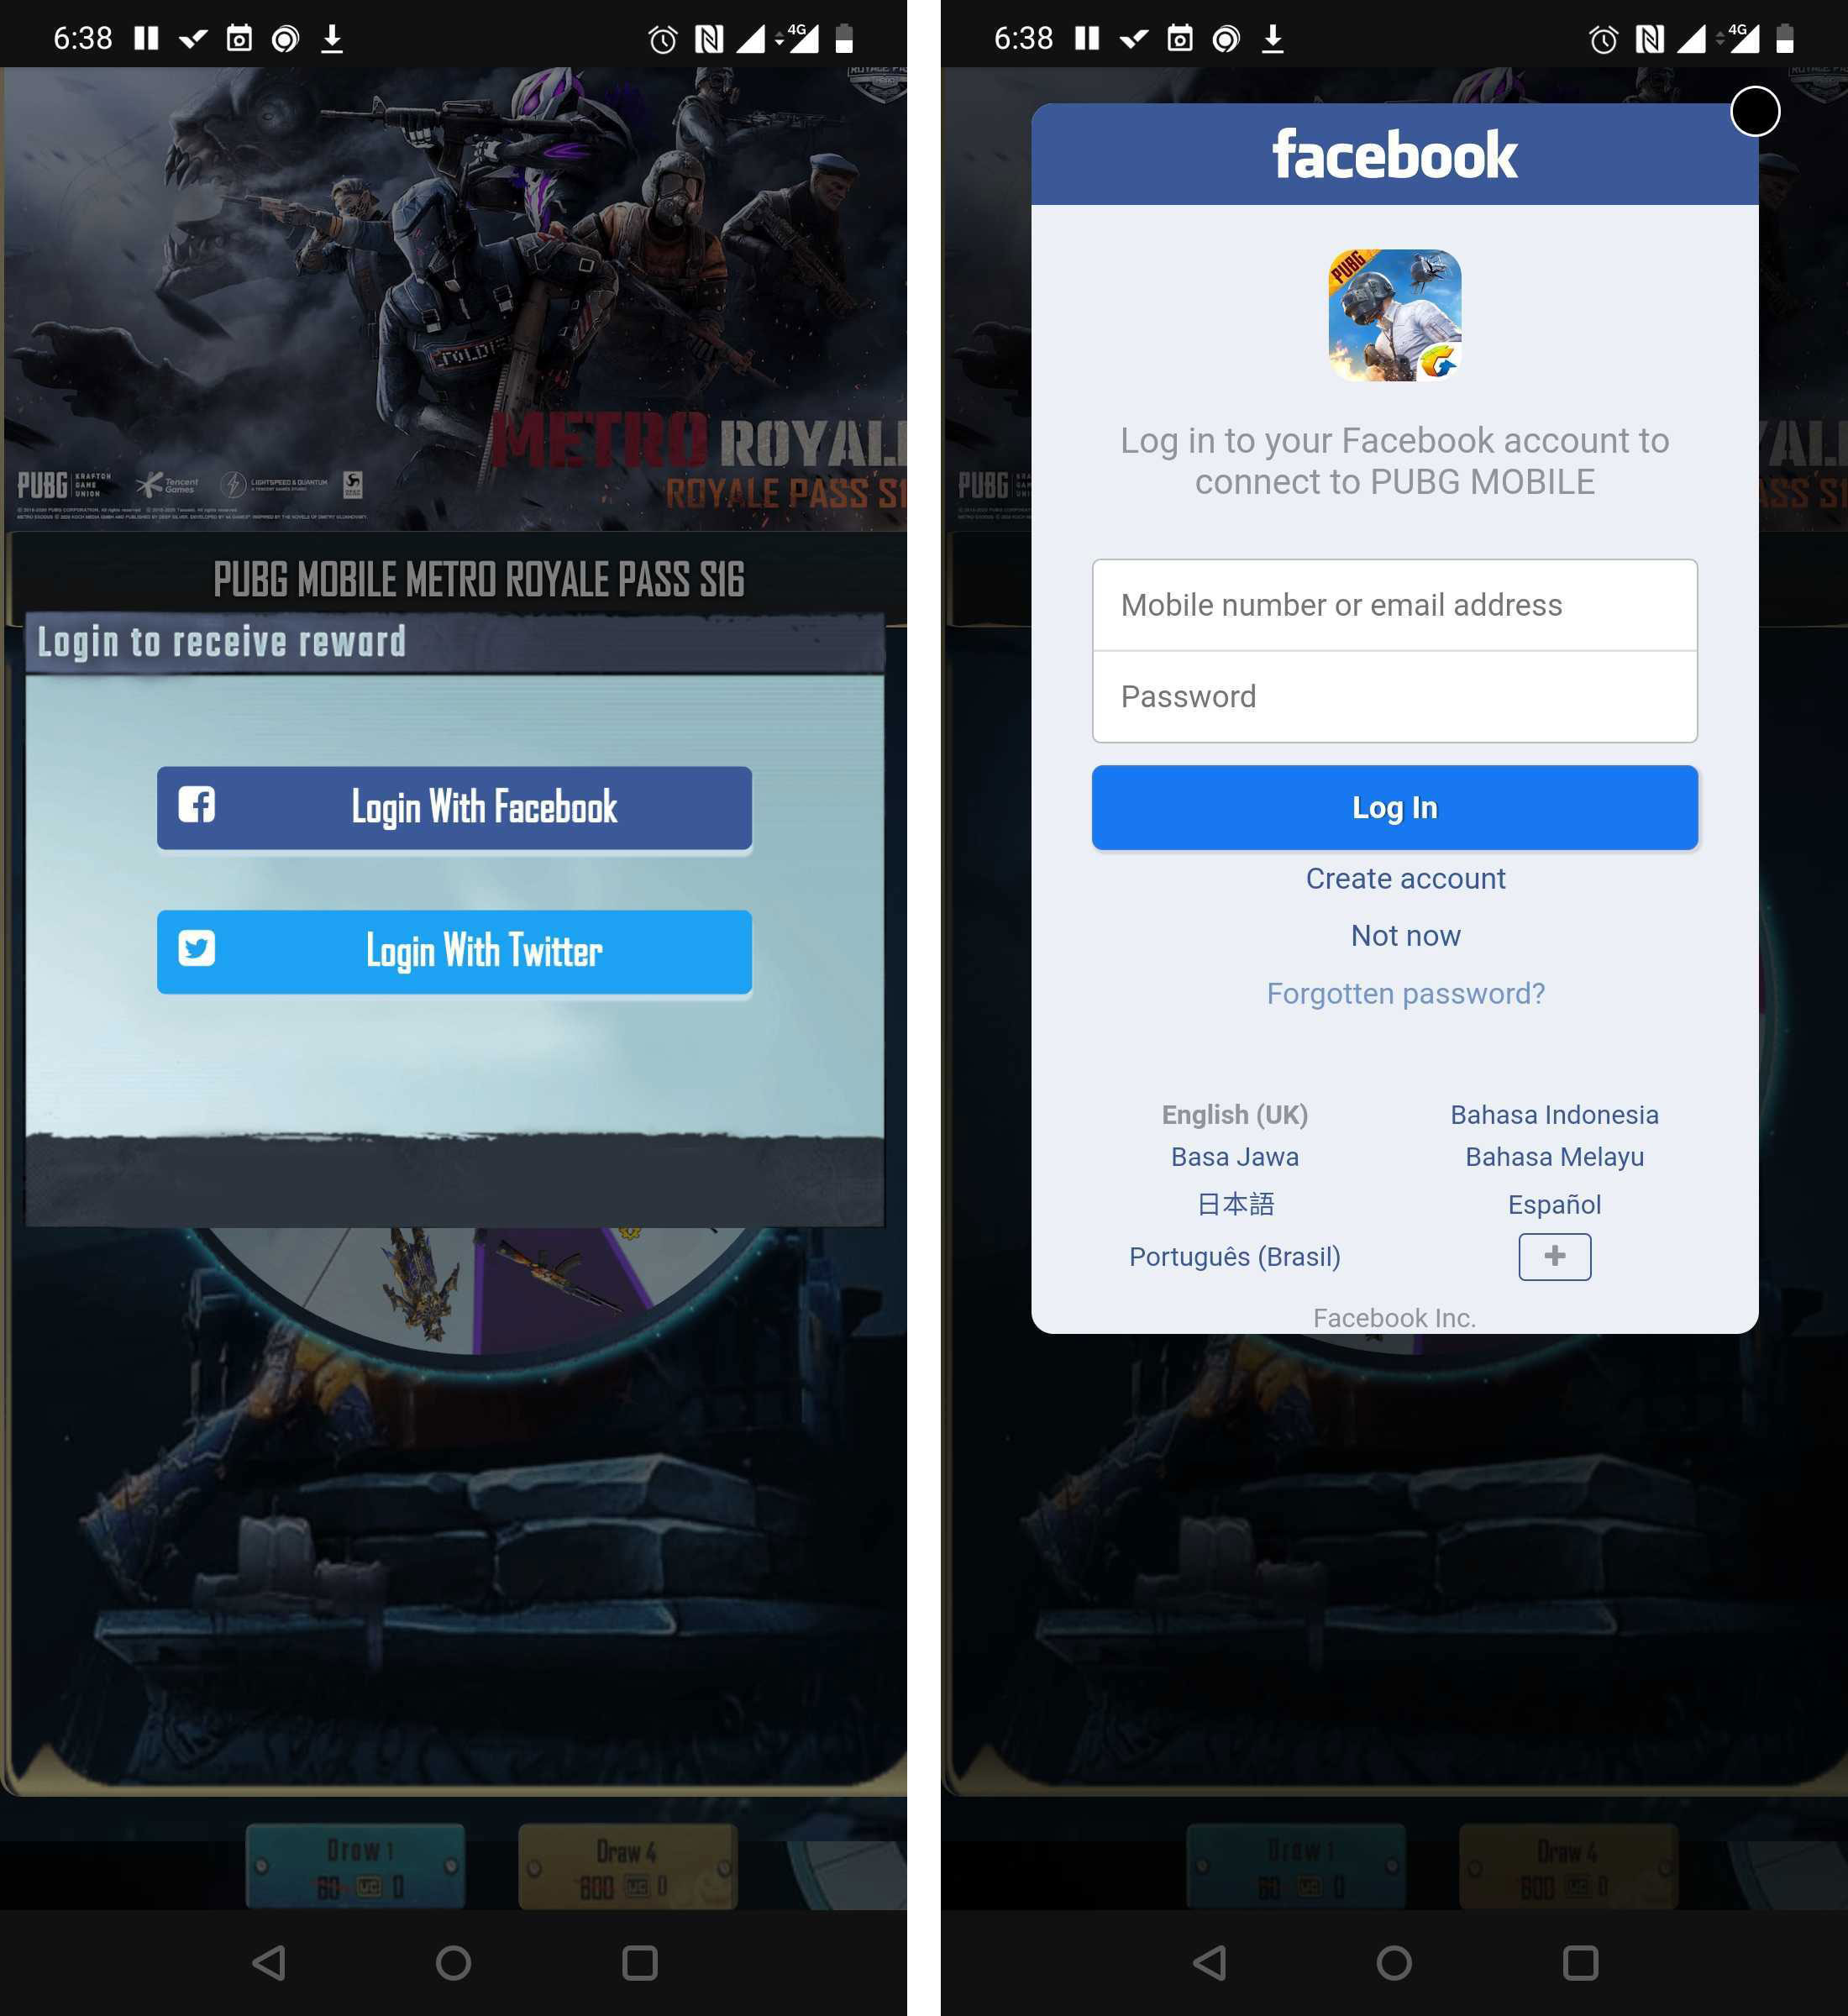 Фишинговые странички предлают войти через Twitter или Facebook — привычная опция для игроков в PUBG Mobile